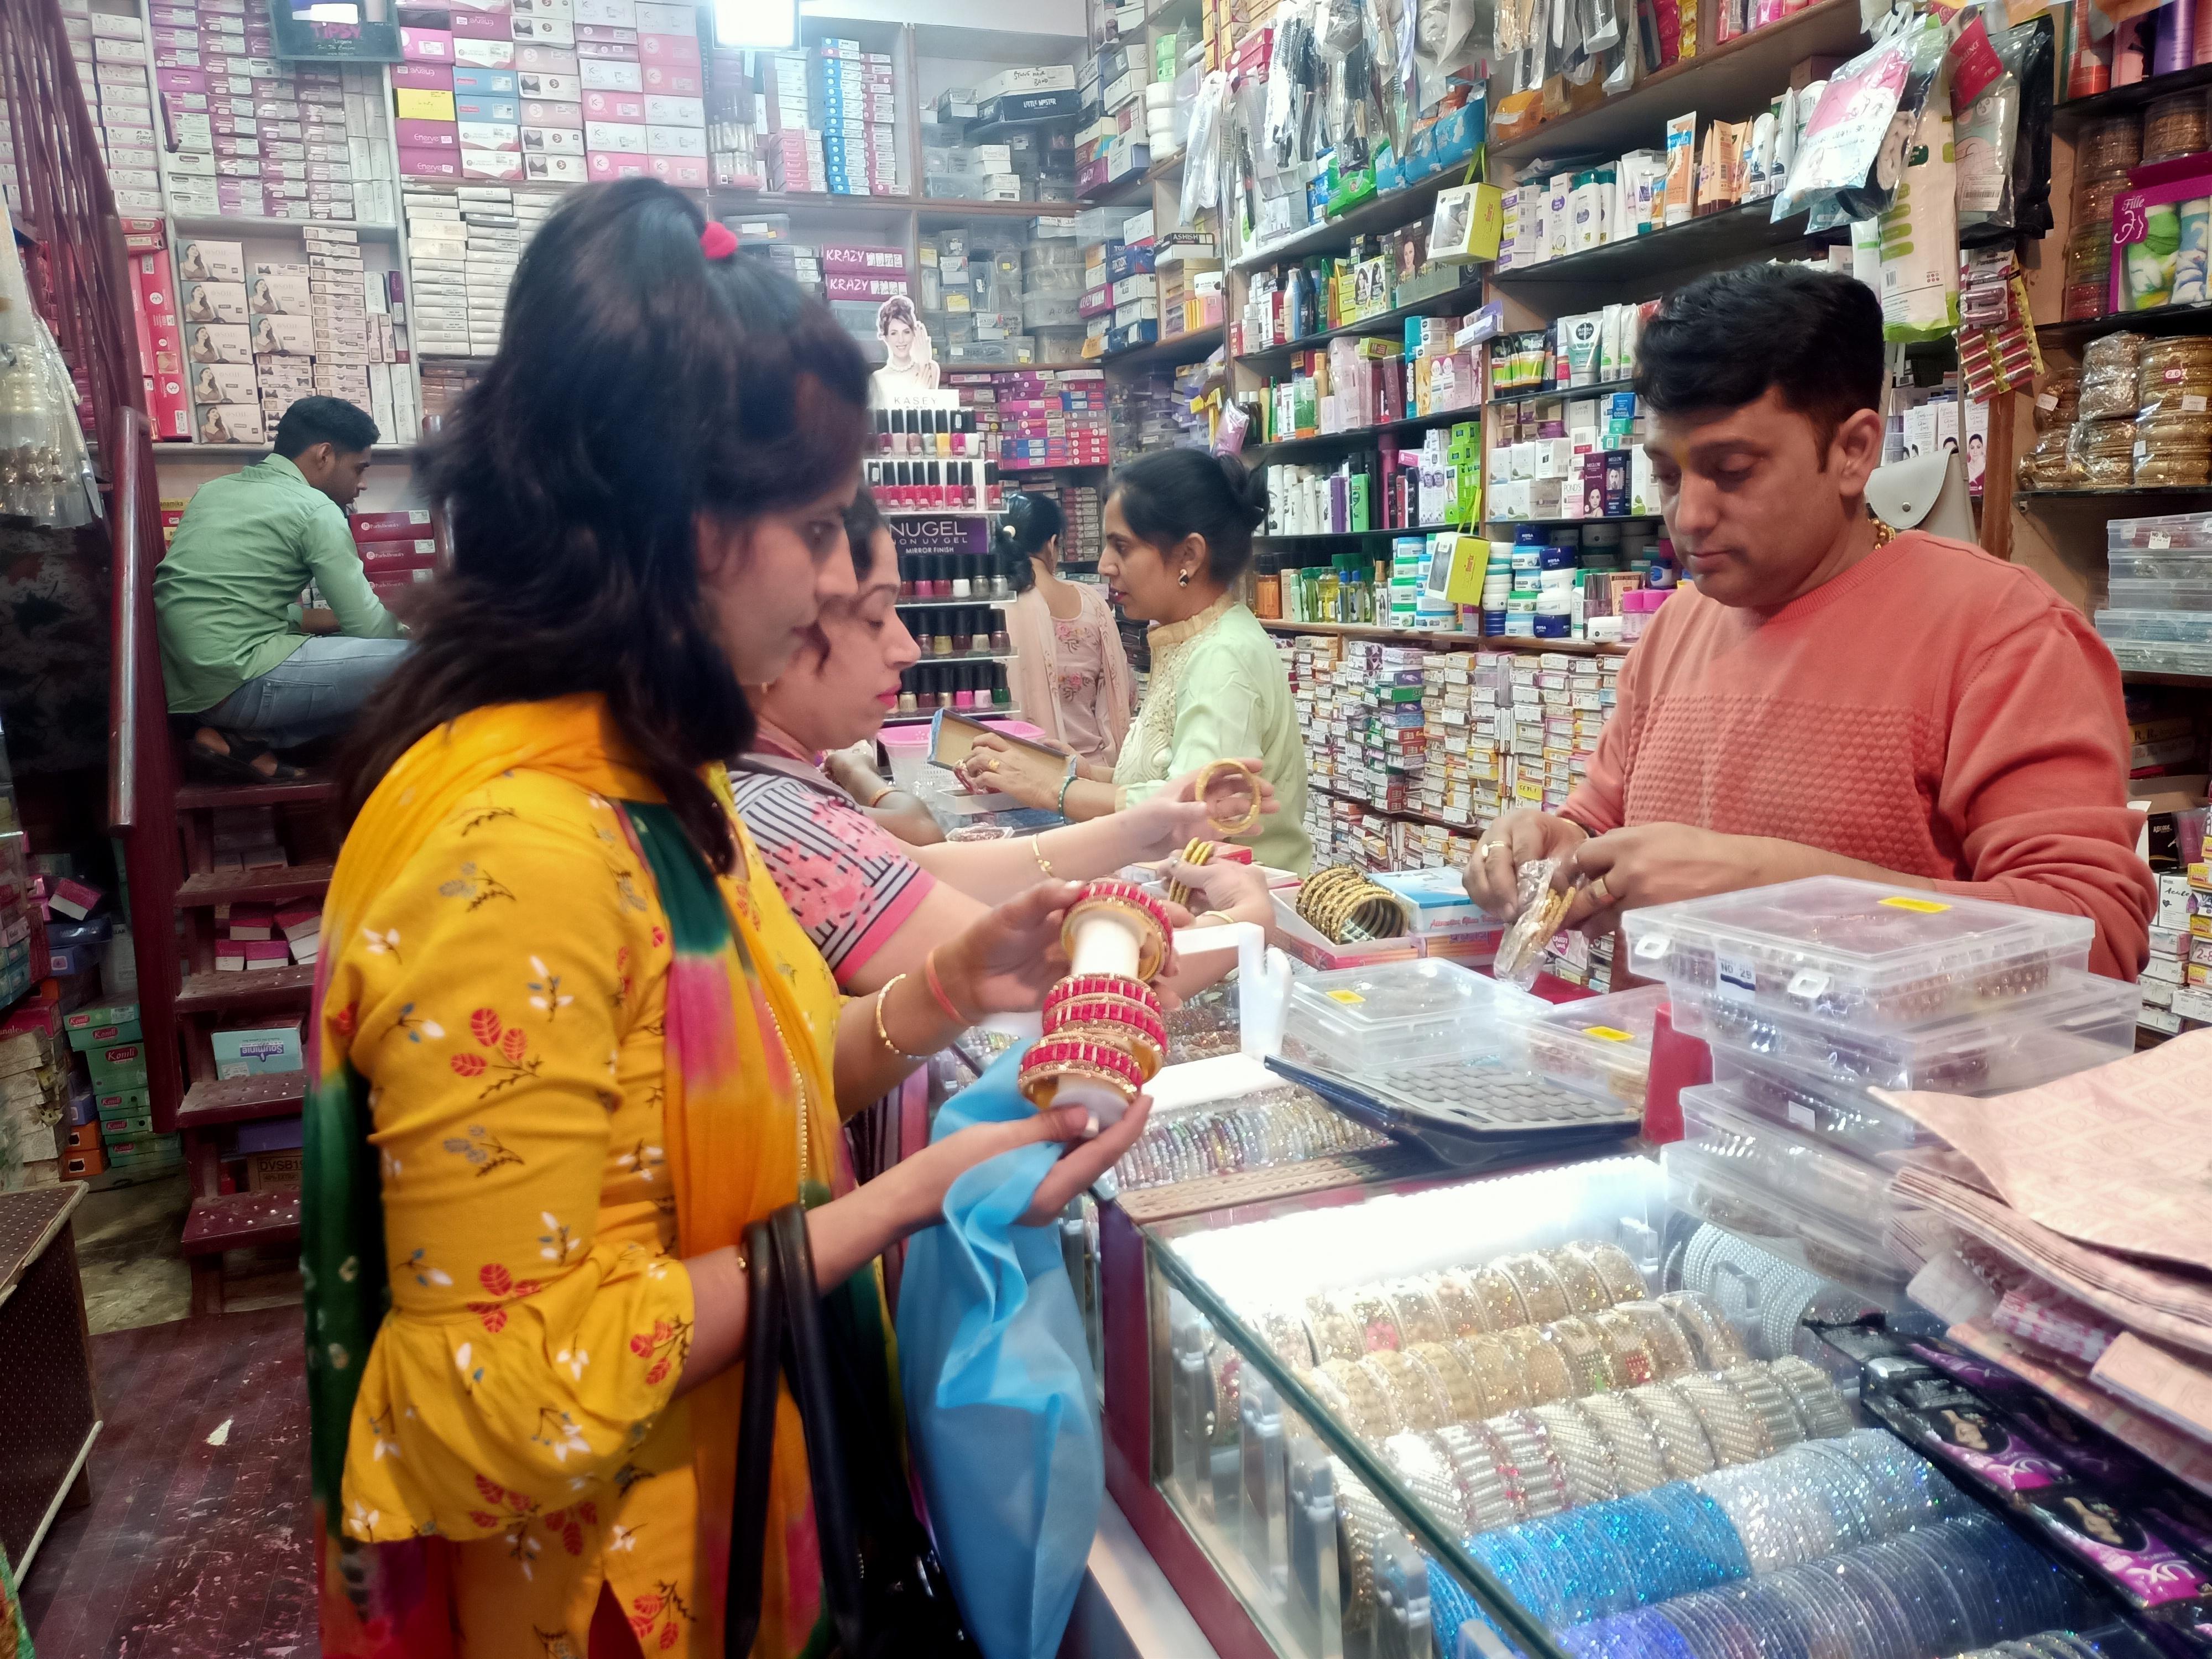 करवा चौथ पर महिलाओं ने की जमकर खरीददारी कोरोना का नहीं दिख रहा कोई असर